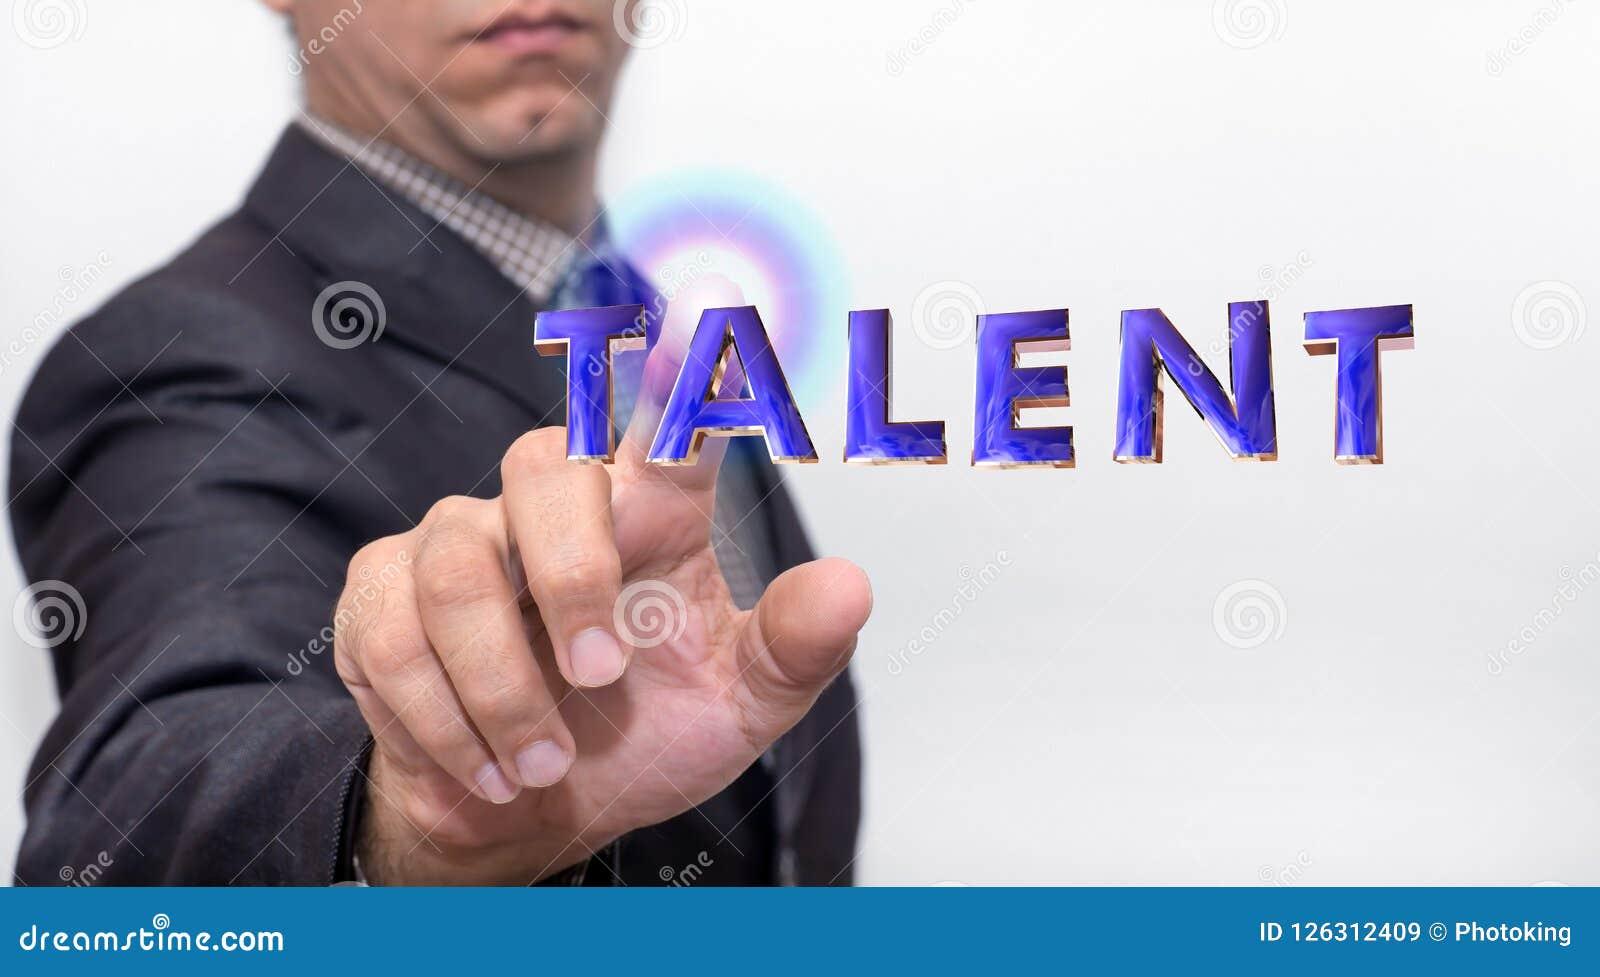 Wat betreft talentenwoord op lucht